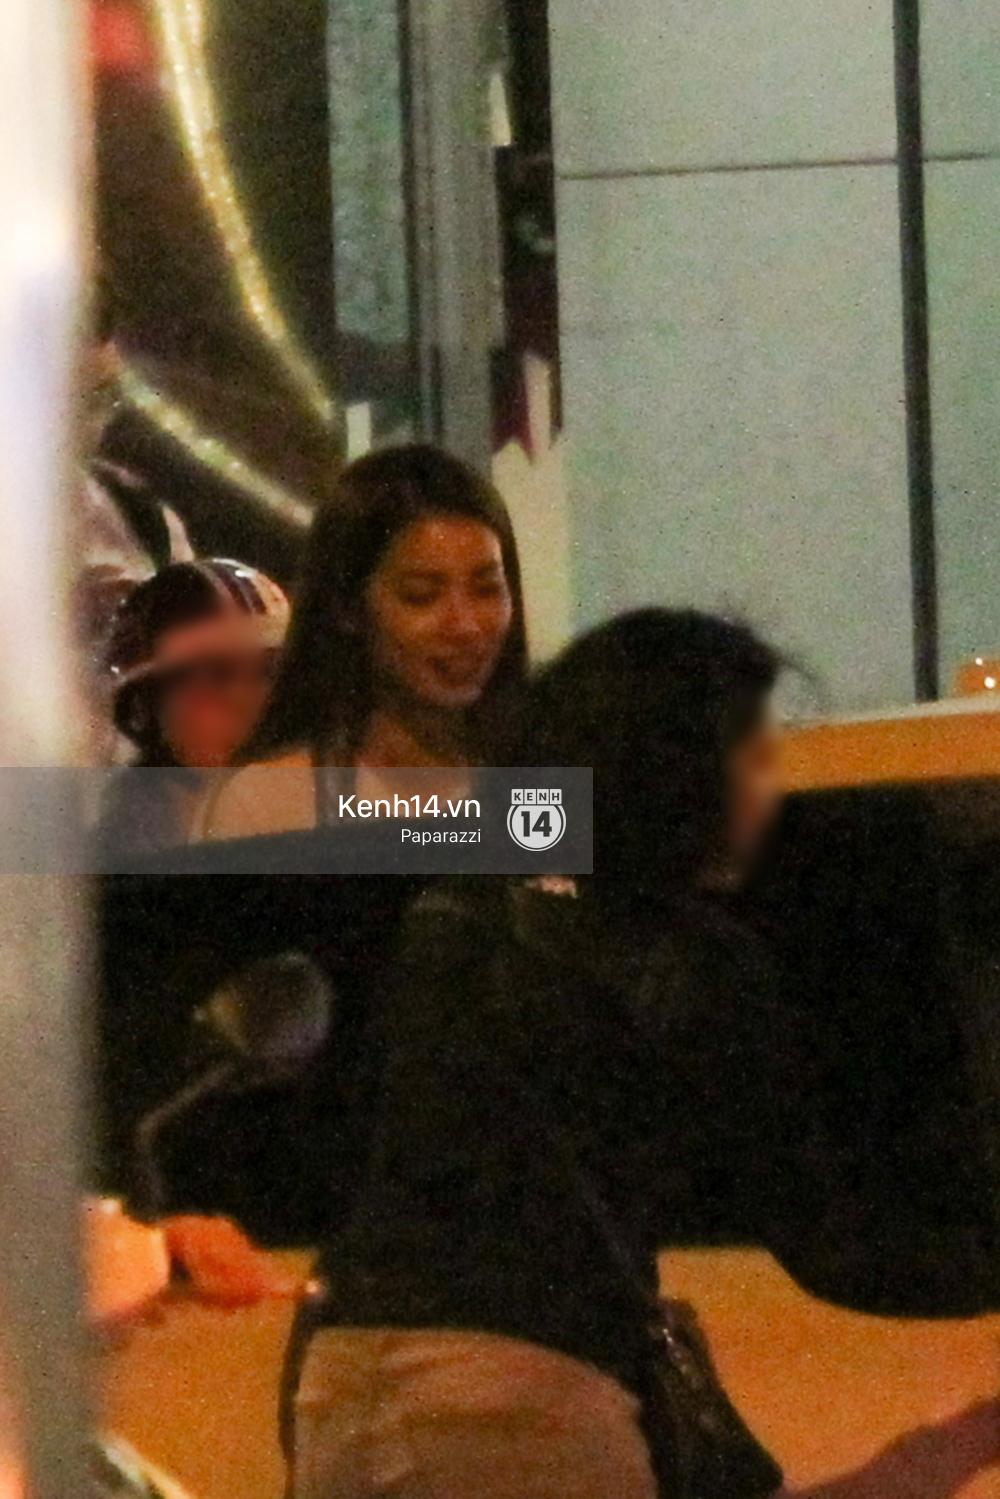 Phạm Hương thoải mái đi ăn, hát karaoke với bạn sau khi cửa hàng bị tạt sơn - Ảnh 6.